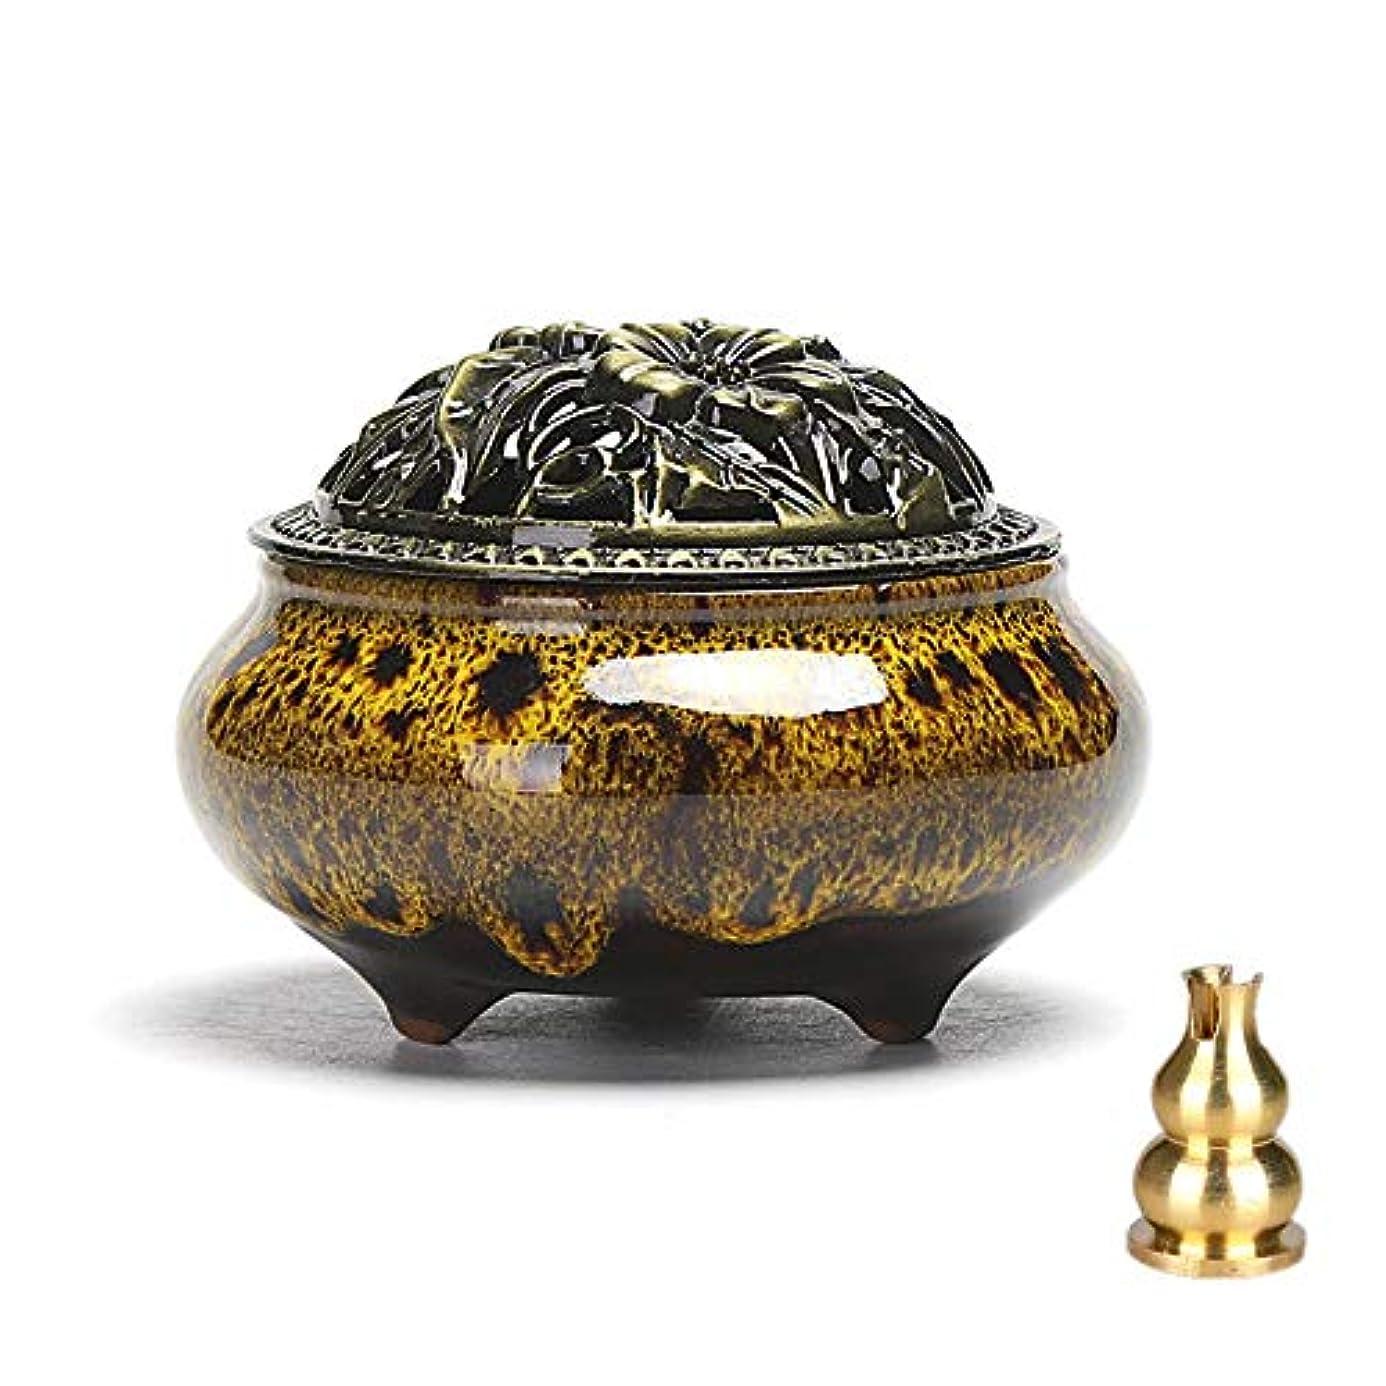 花輪豪華なケントZaoniy セラミック 家庭用 お香立て 耐火性 綿 磁器 お香立て 磁器 炭 香炉 樹脂 粒状 パウダー コーン コイル お香 用 イエロー